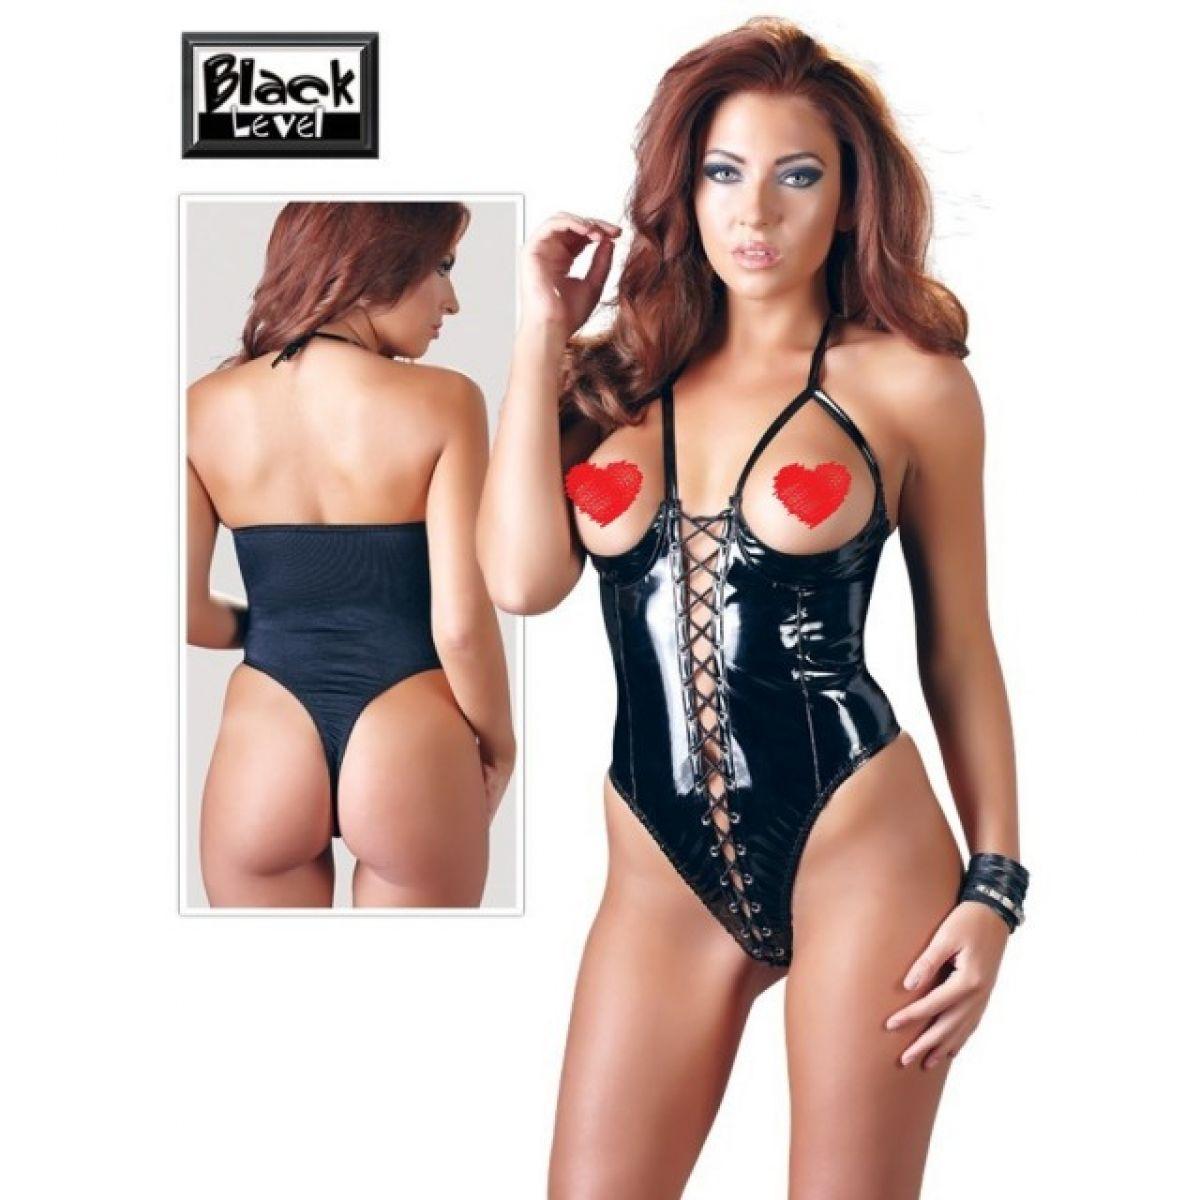 Чёрное лаковое боди с открытой грудью Black Level S